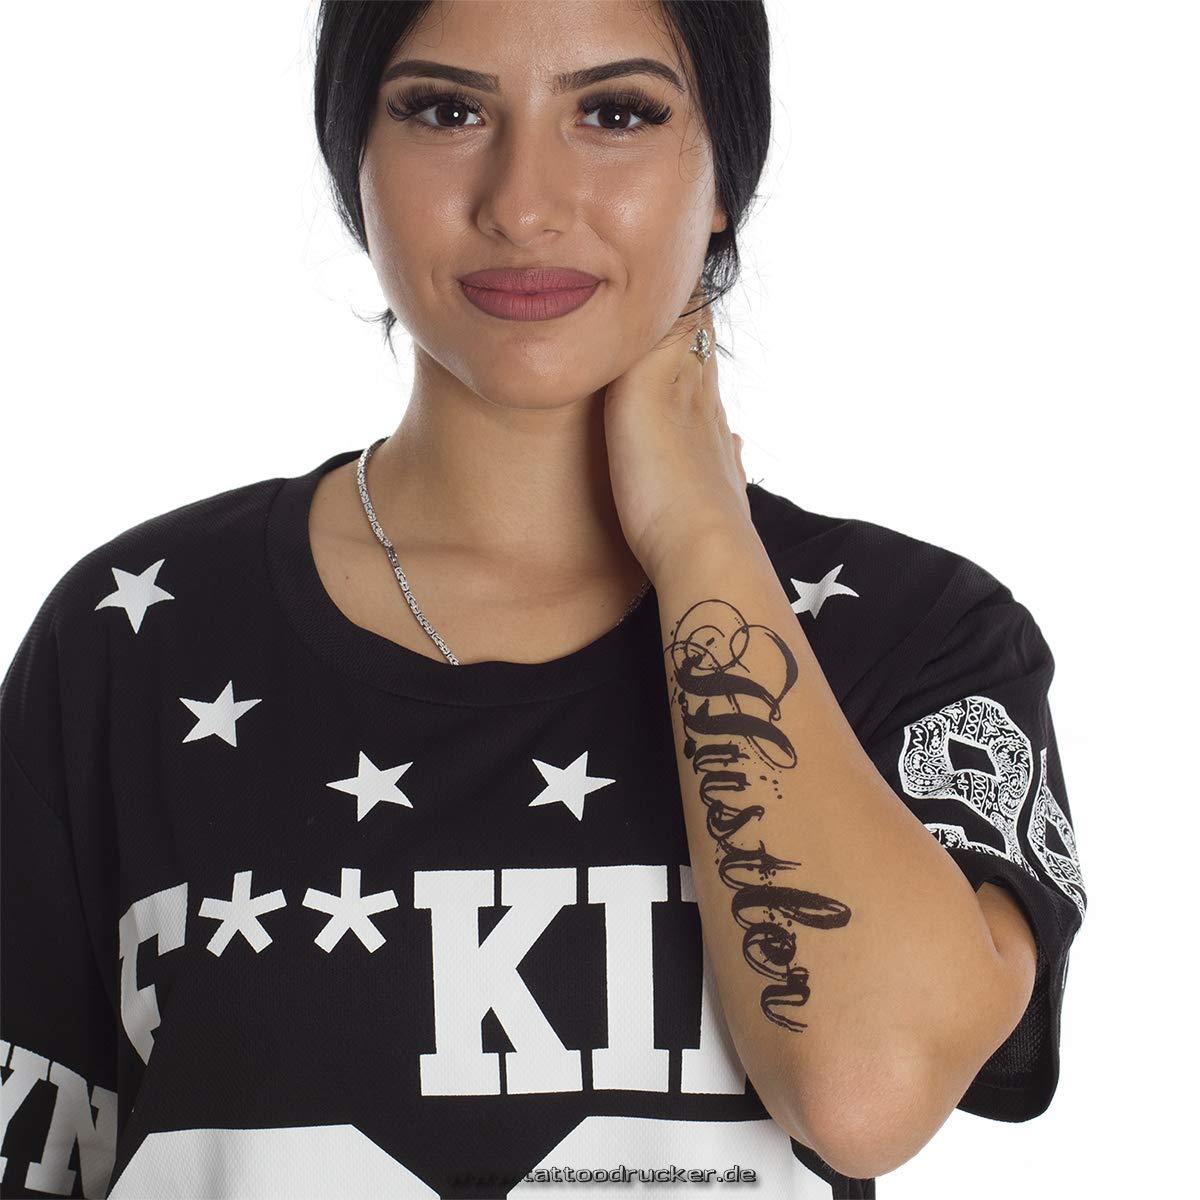 Hustler Tatuaje - Marcha Hip Hop Gangster - Escritura en Negro ...